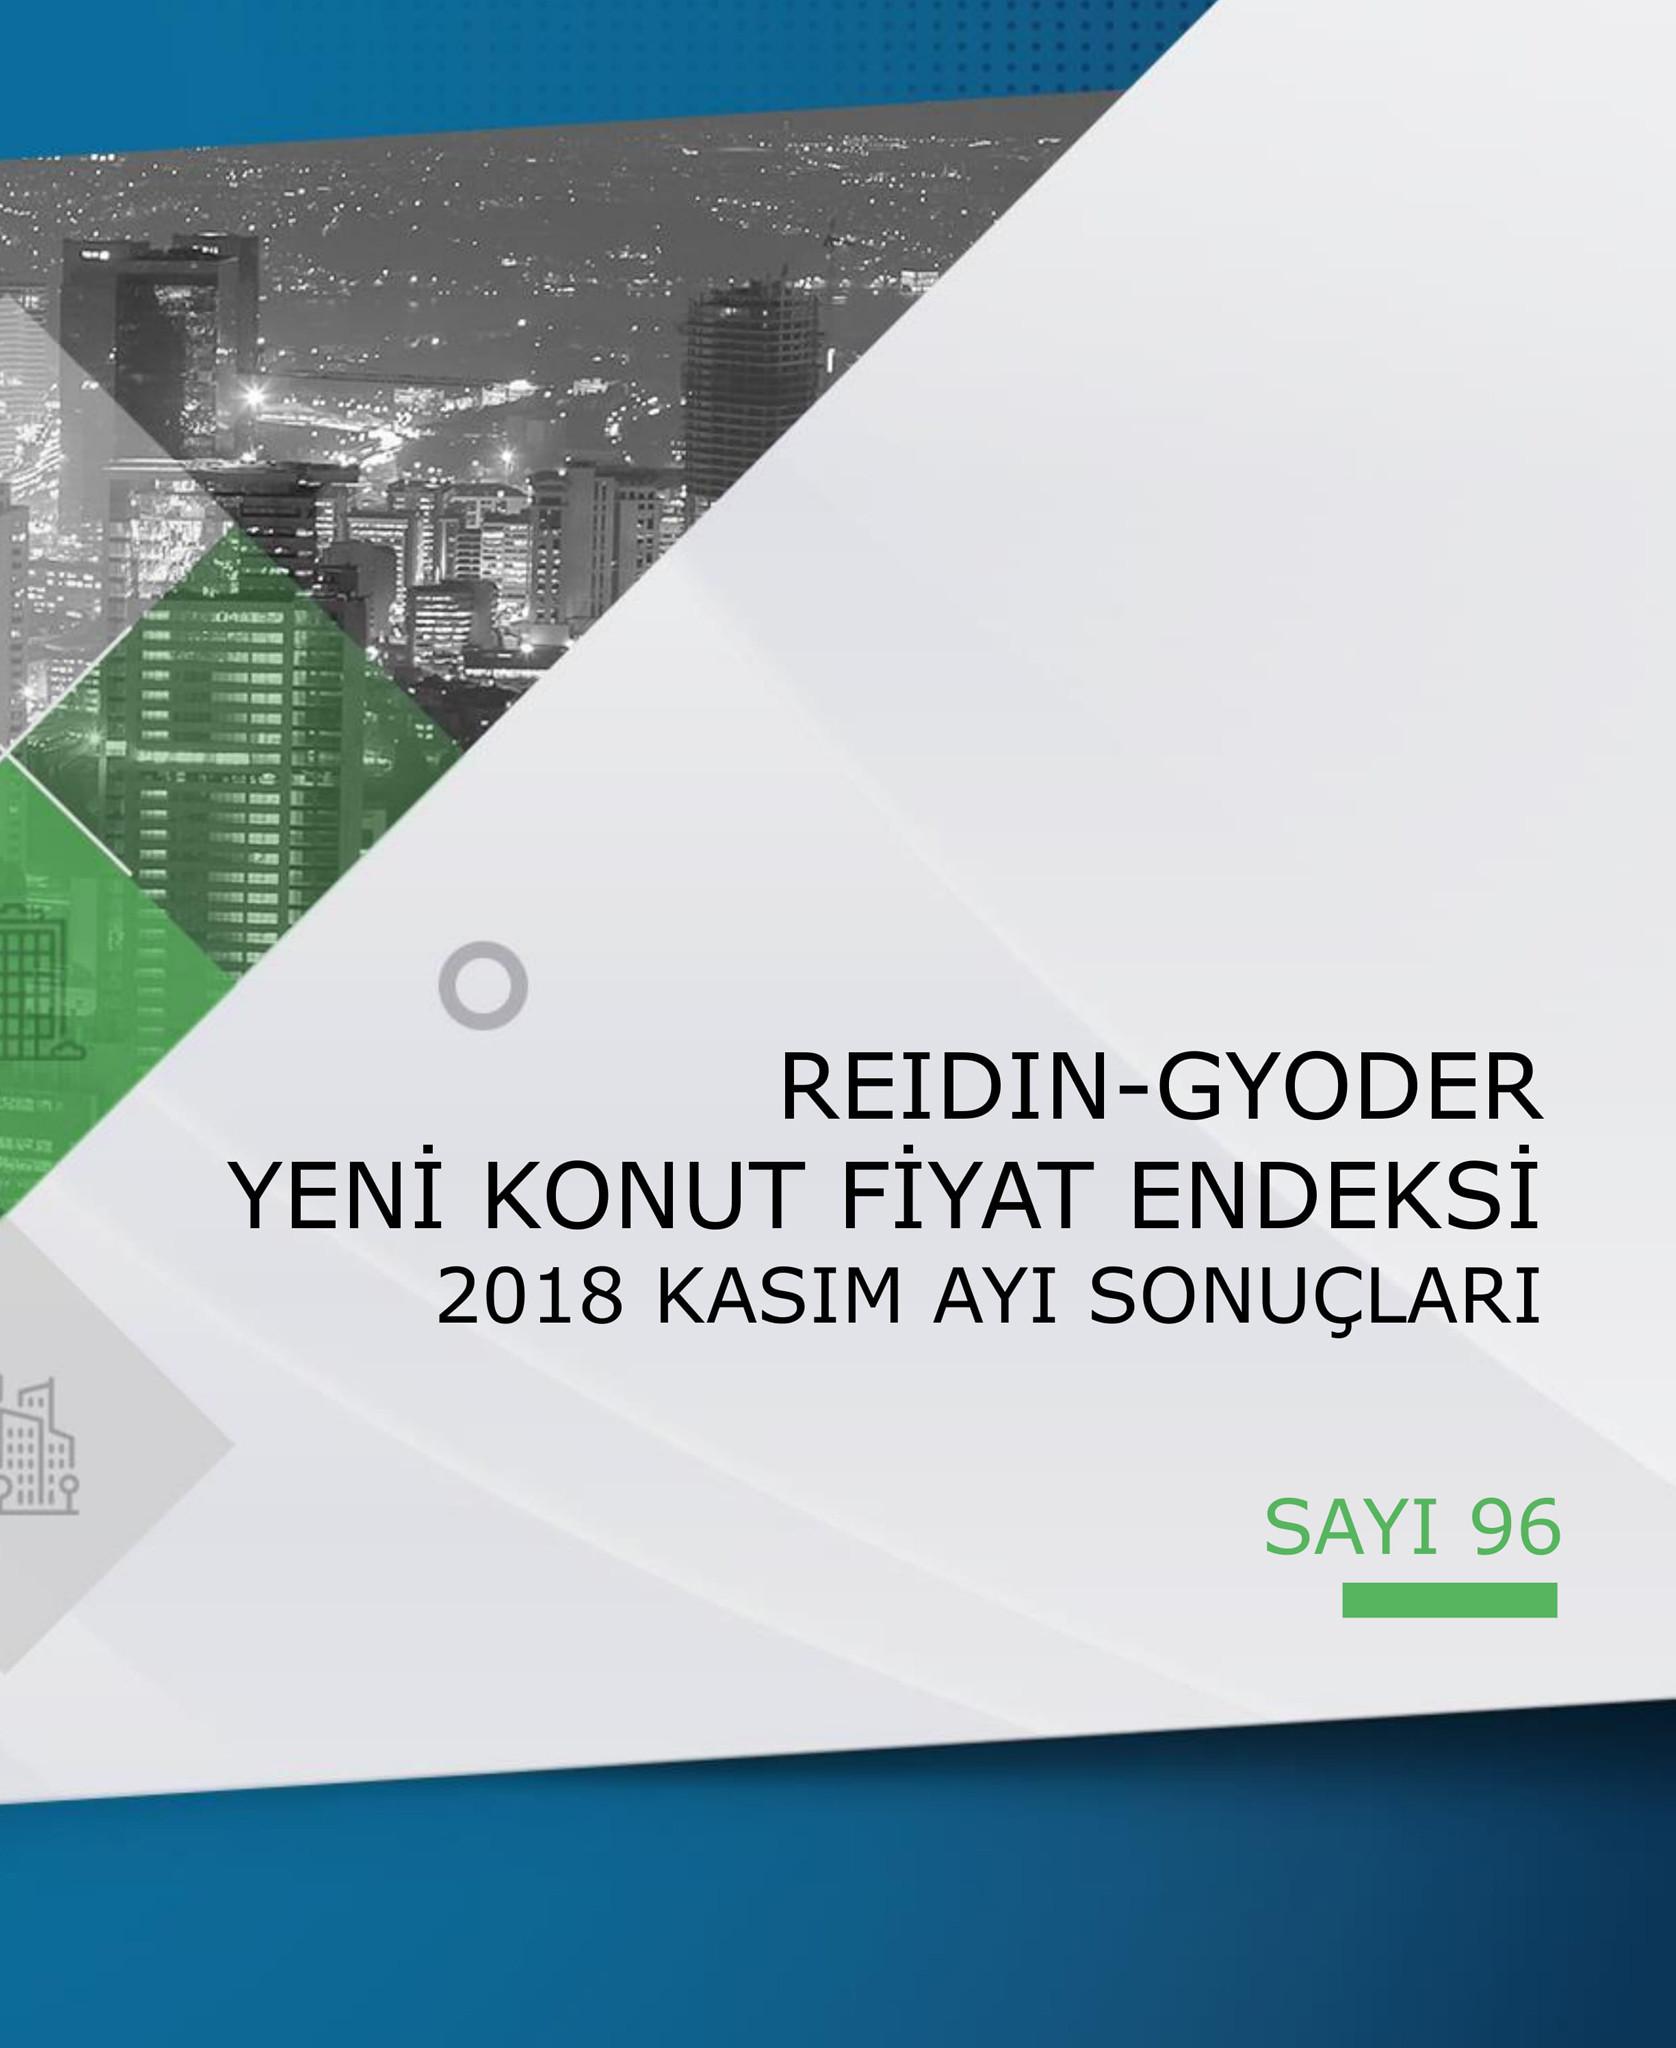 GYODER, Yeni Konut Fiyat Endeksi'nin Kasım 2018 Raporu'nu açıkladı.